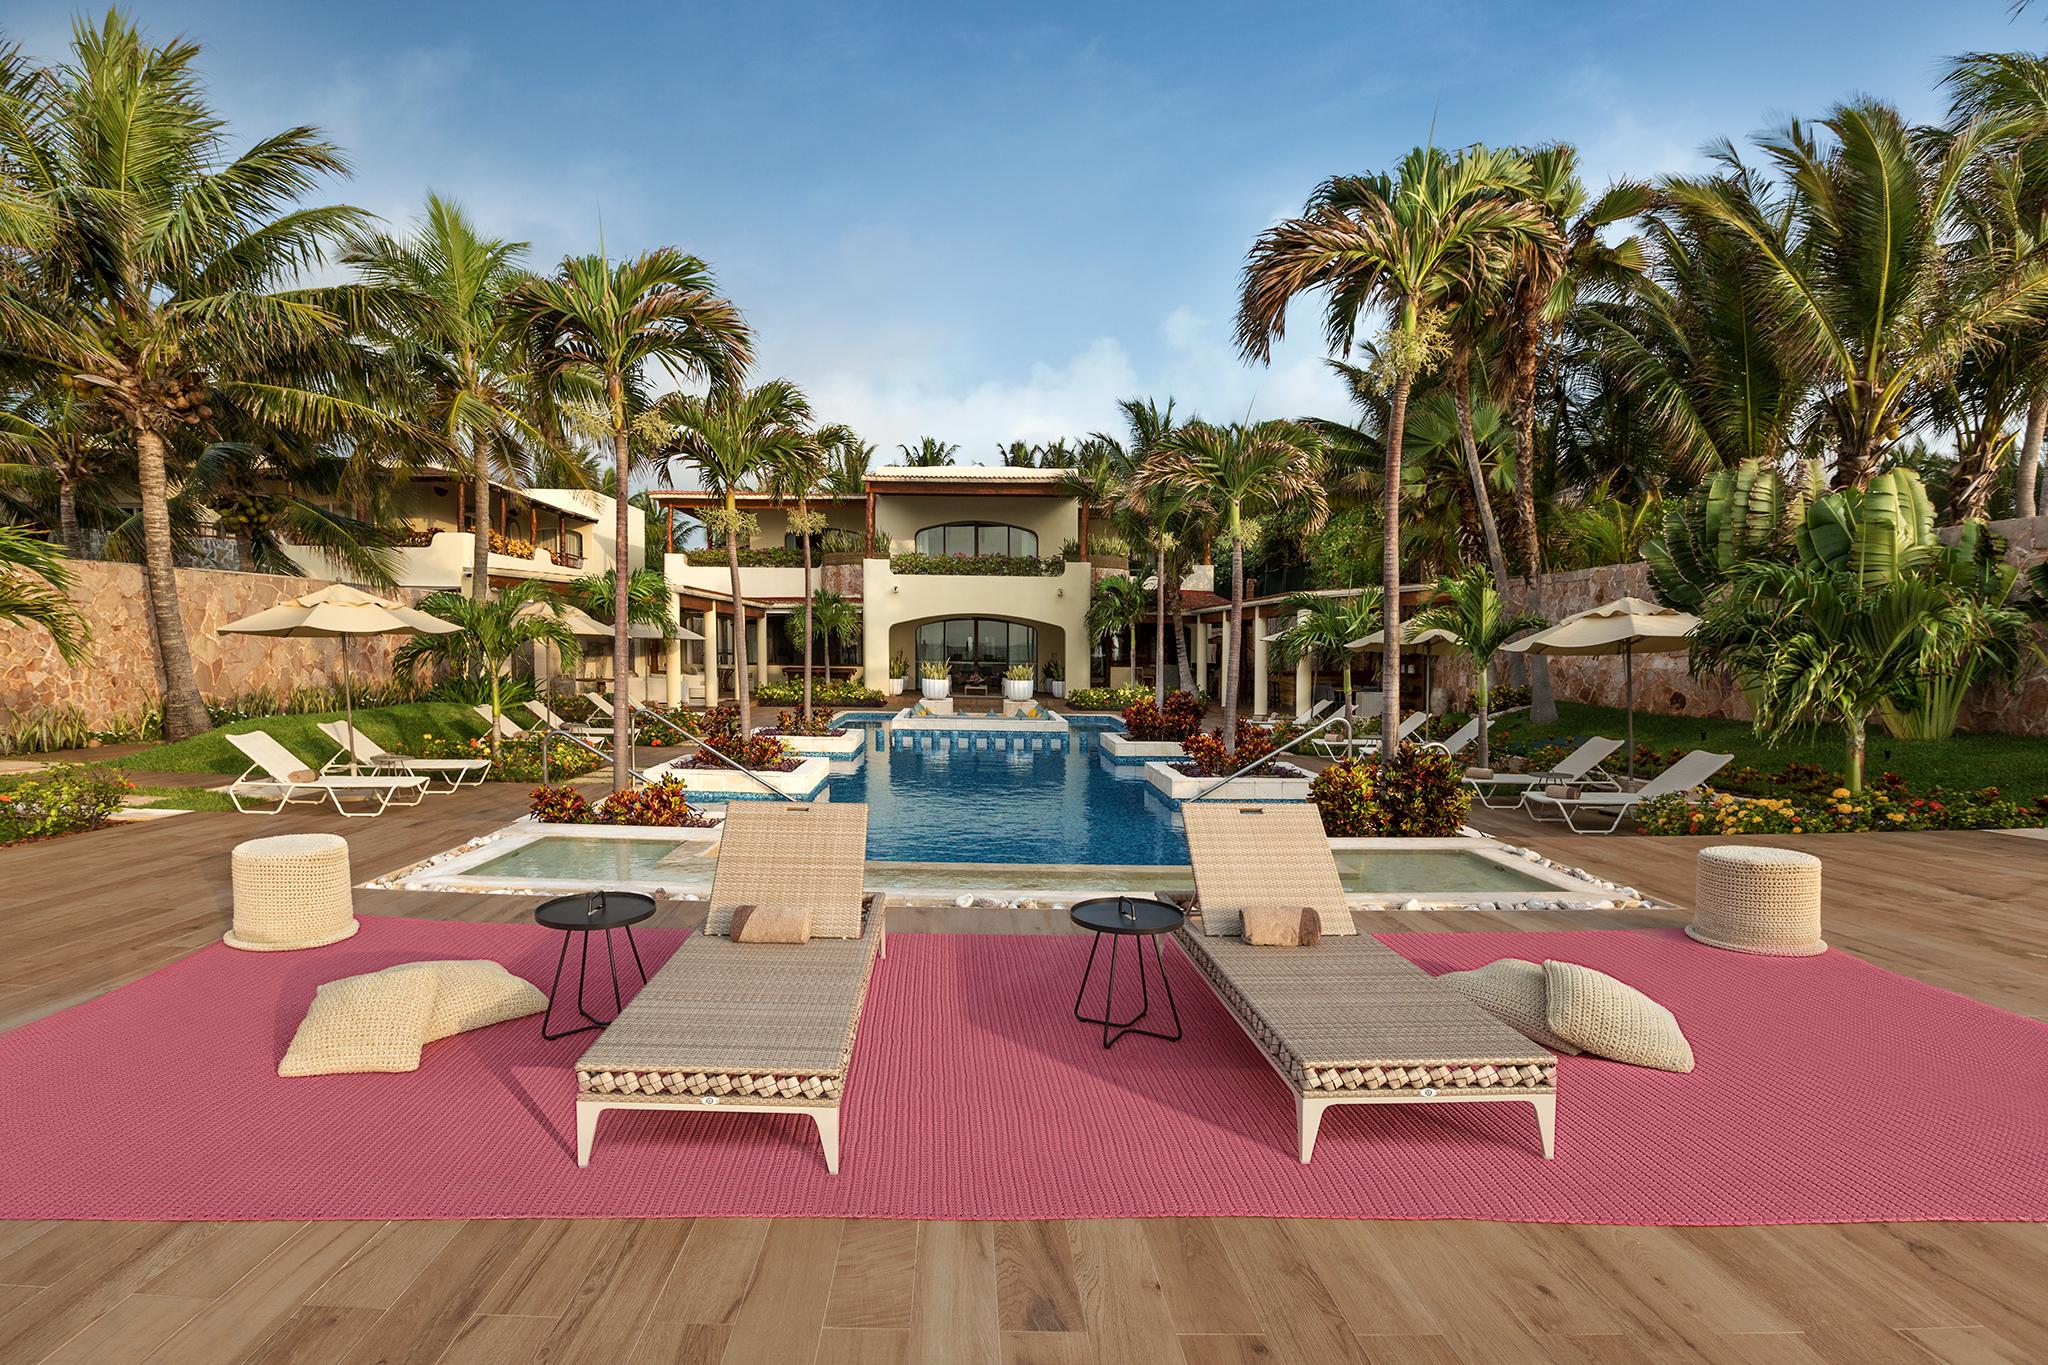 Photo of the Villa Casa del Mar